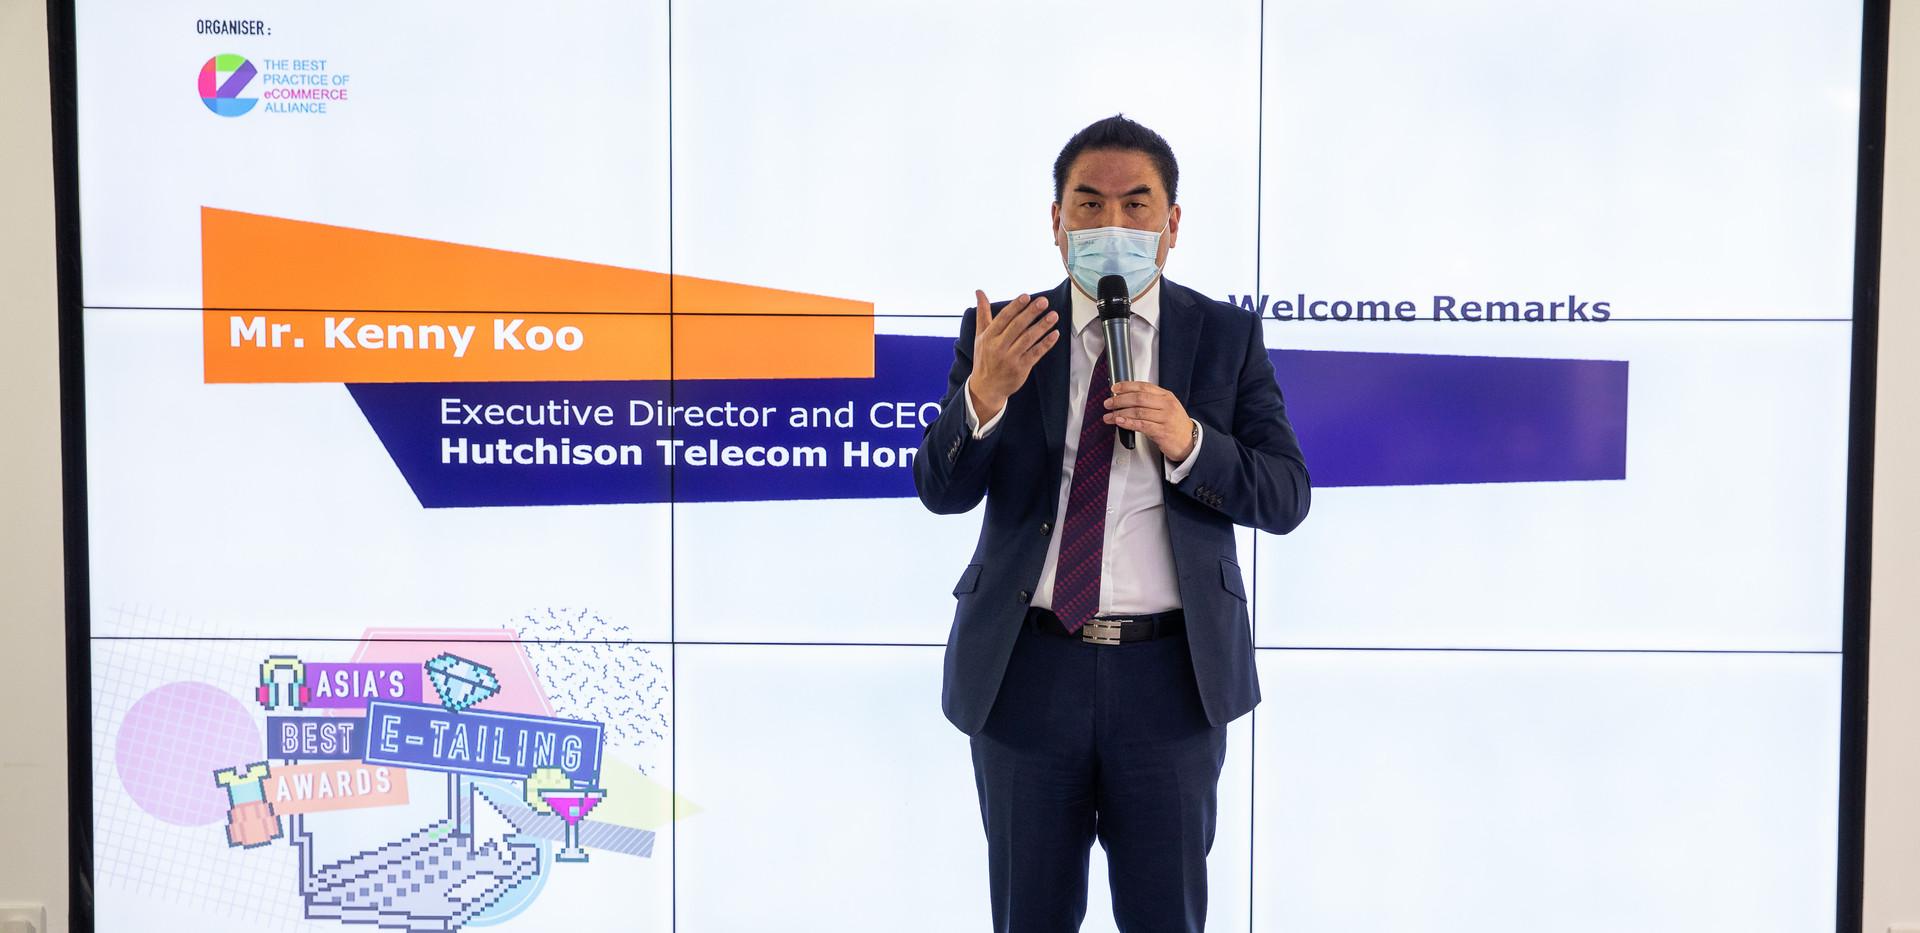 Kenny Koo Welcome Remark for NEXXZTYLE.J